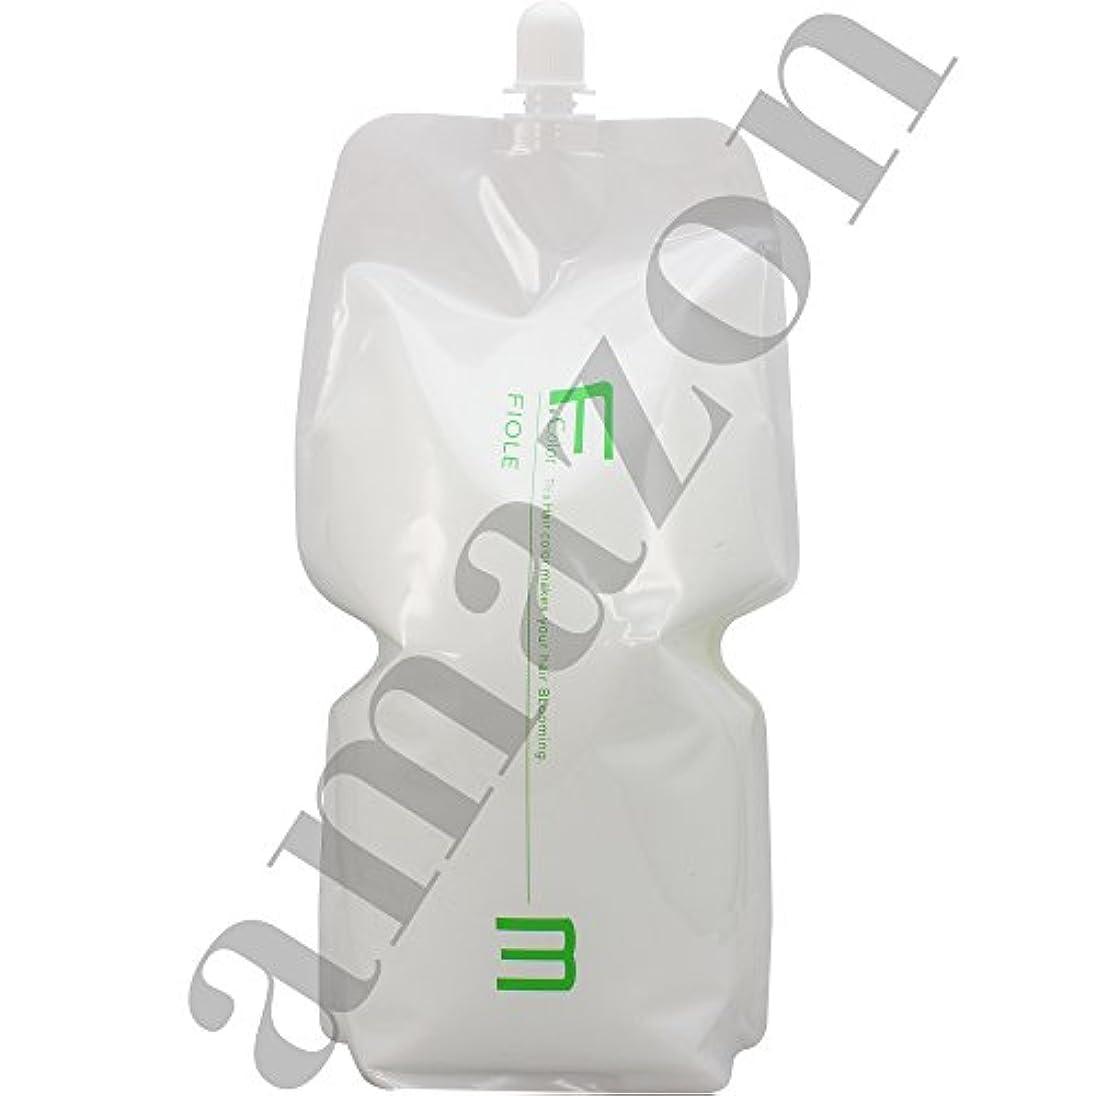 埋めるにぎやか引き受けるフィヨーレ BLカラー OX 2000ml 染毛補助剤 第2剤 パウチ (OX3%)